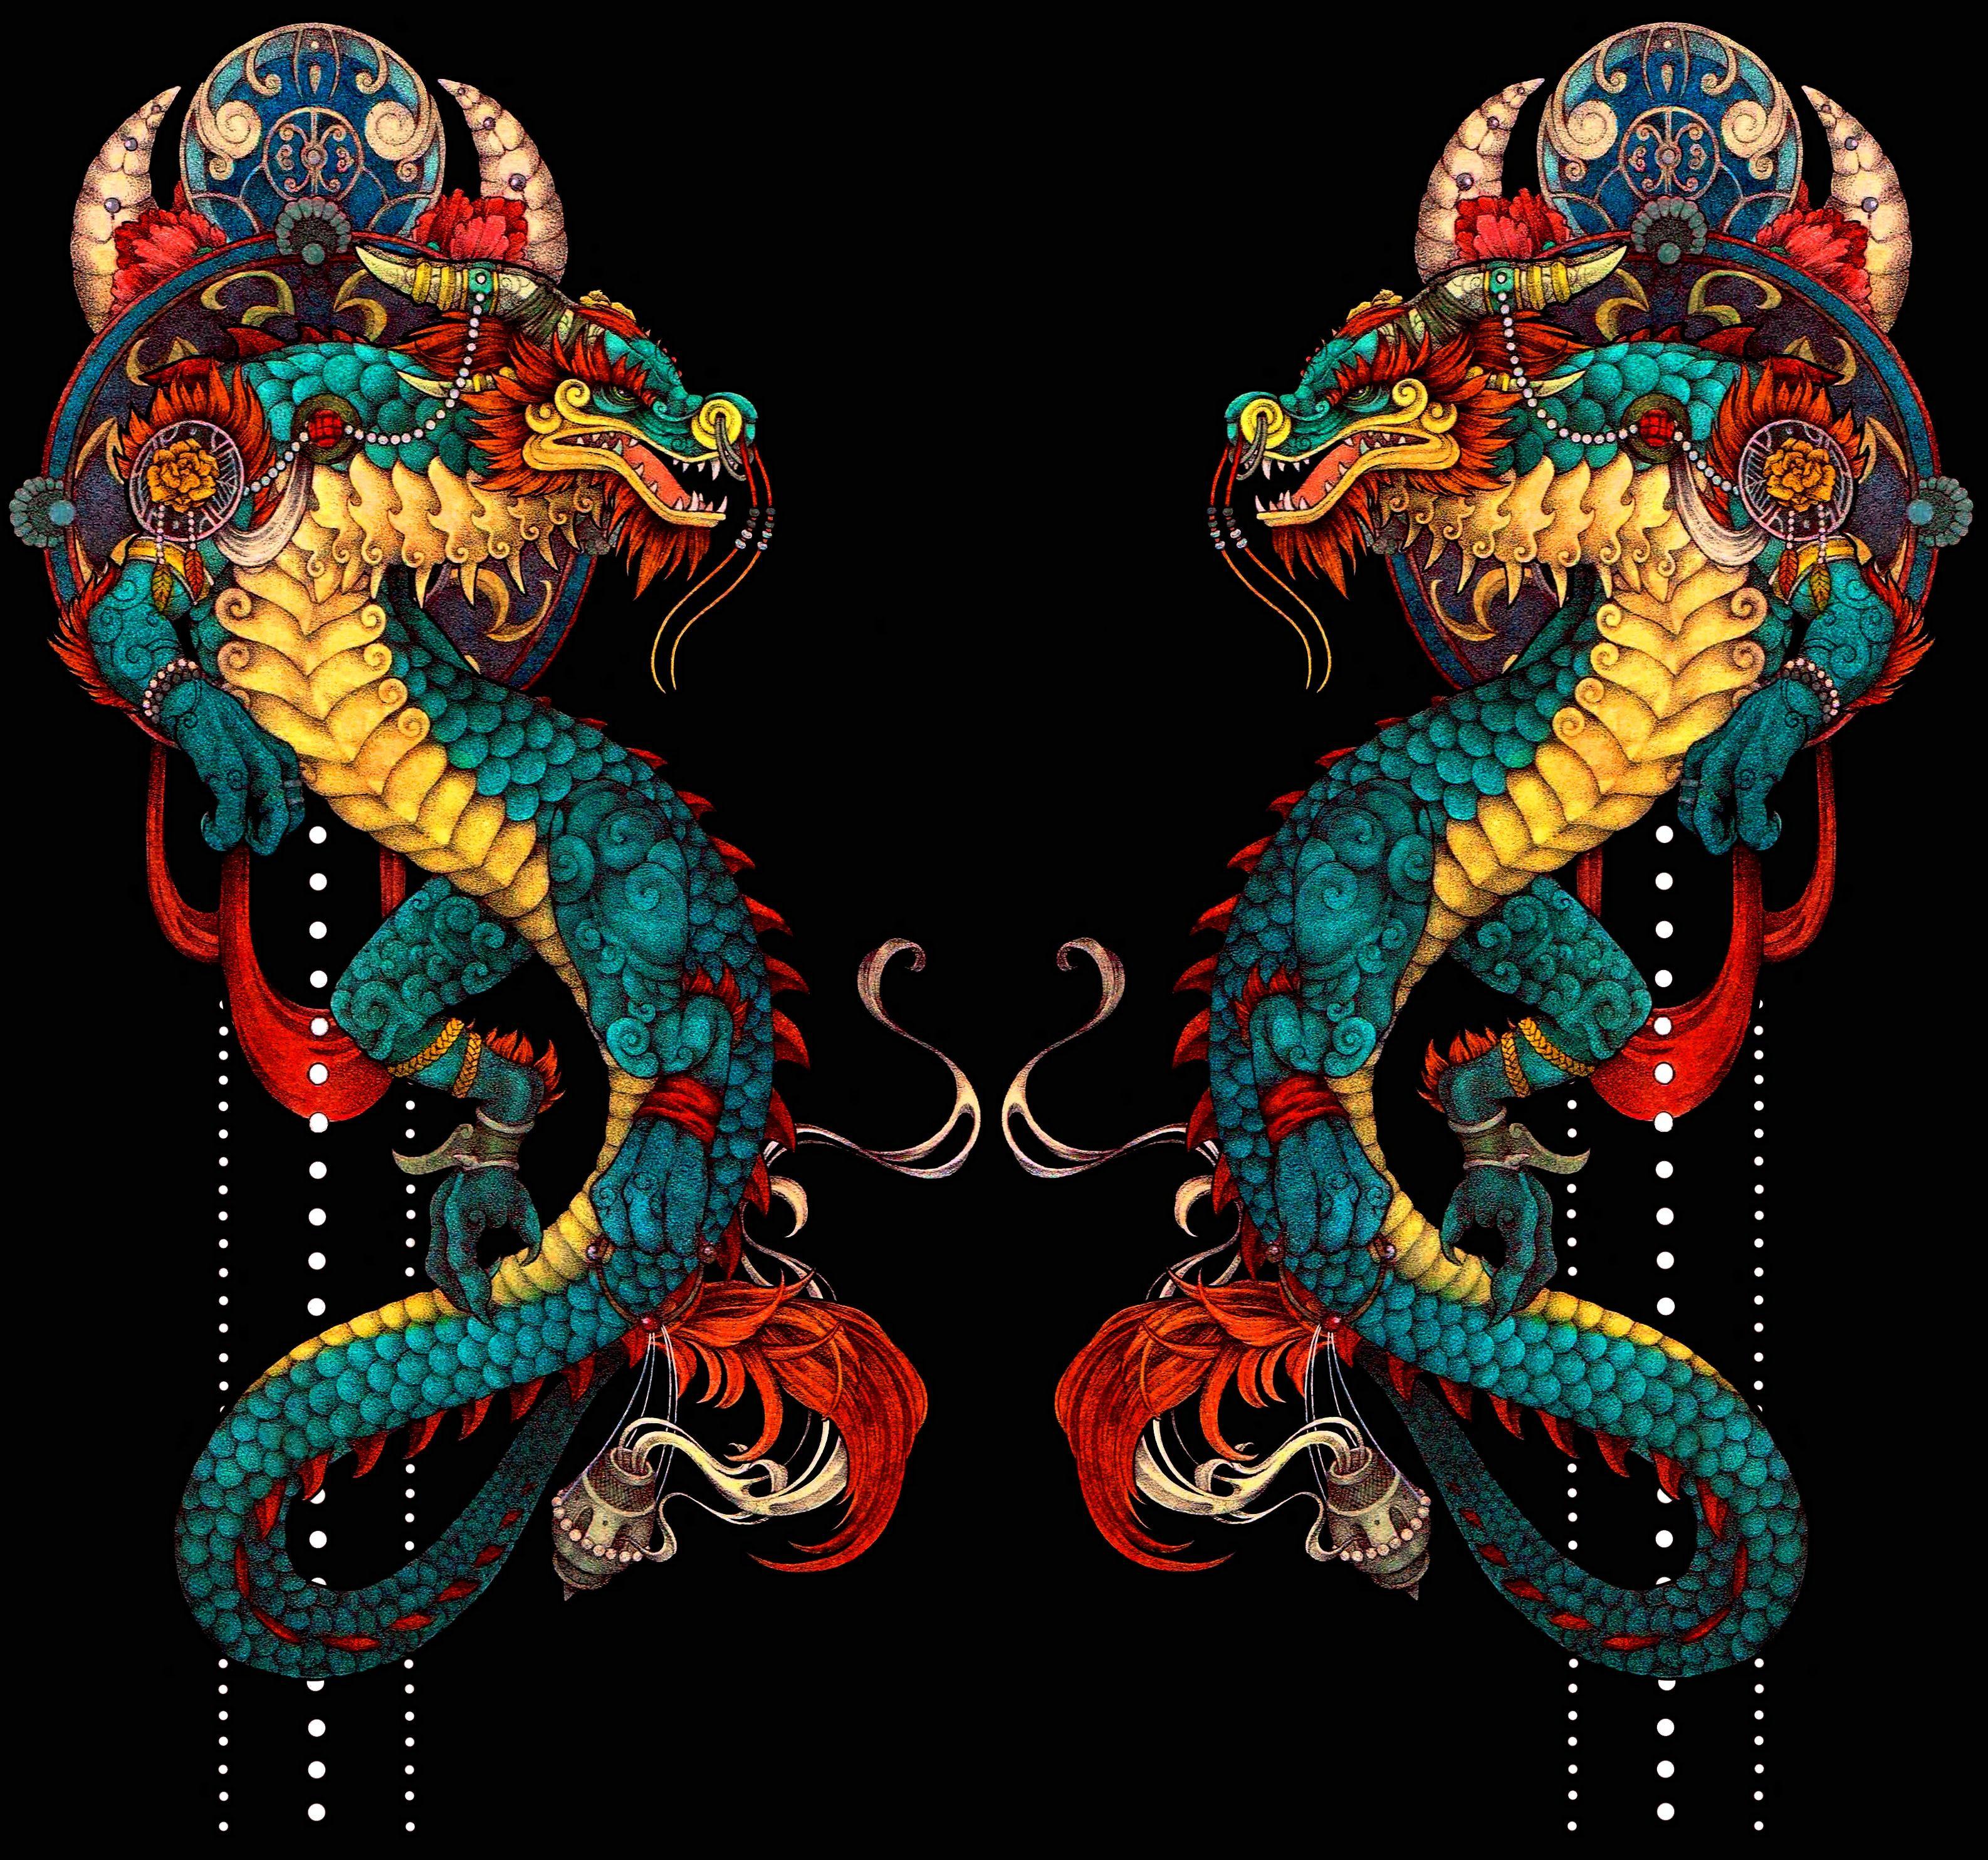 дракон близнец картинка что делаем это